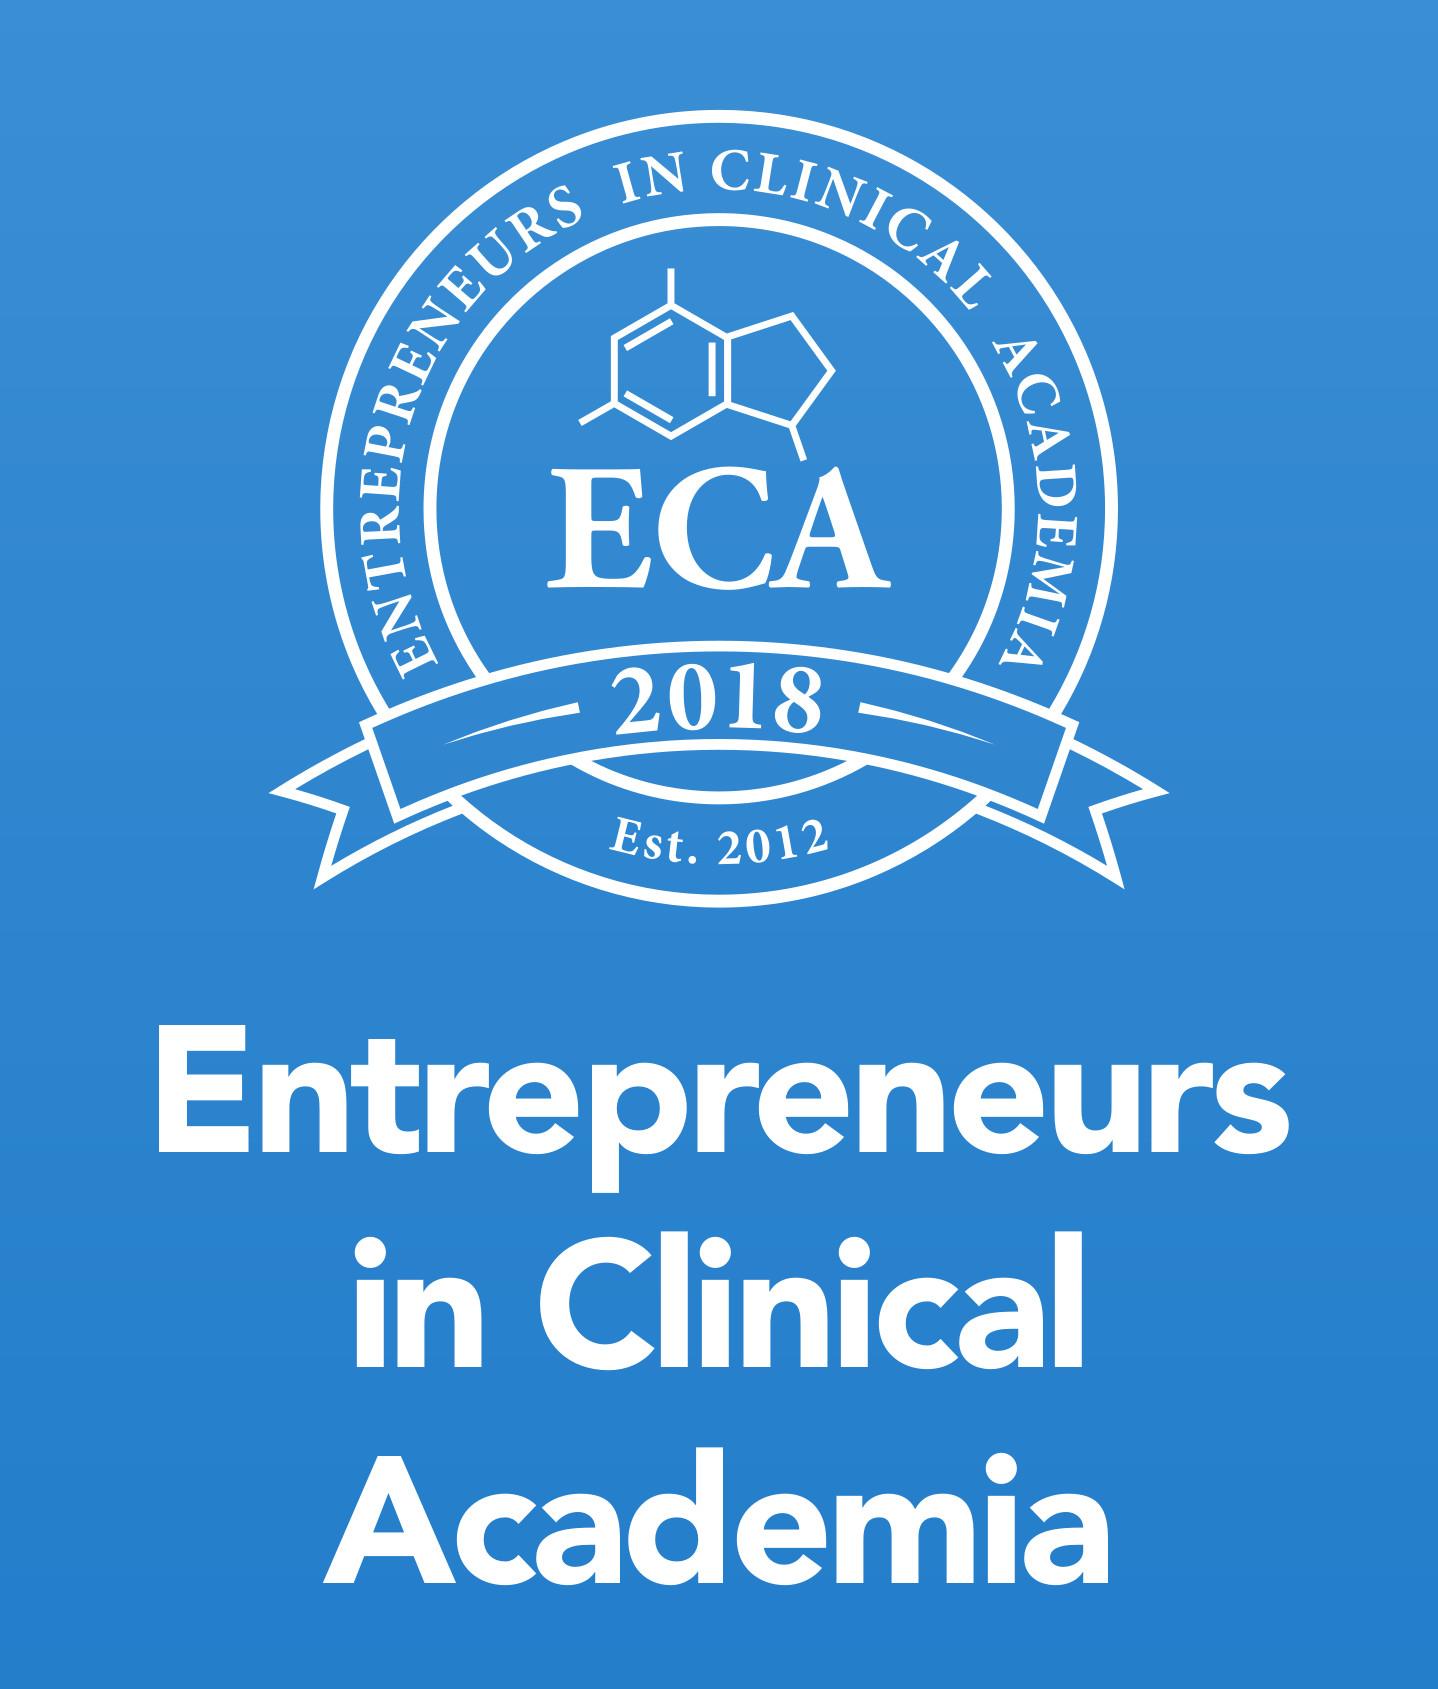 Entrepreneurs in Clinical Academia 2018